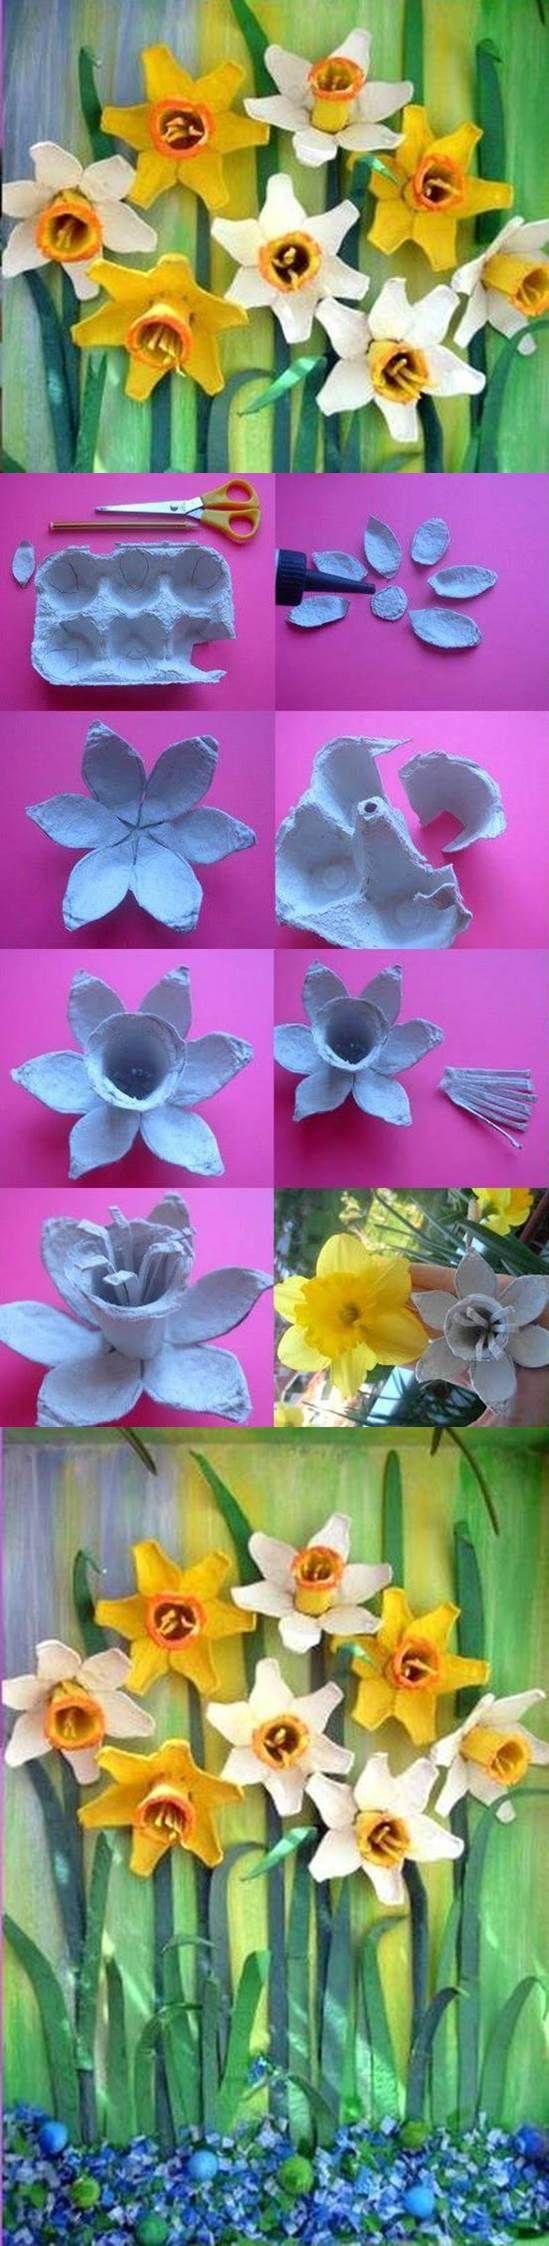 Daffodil Flowers: